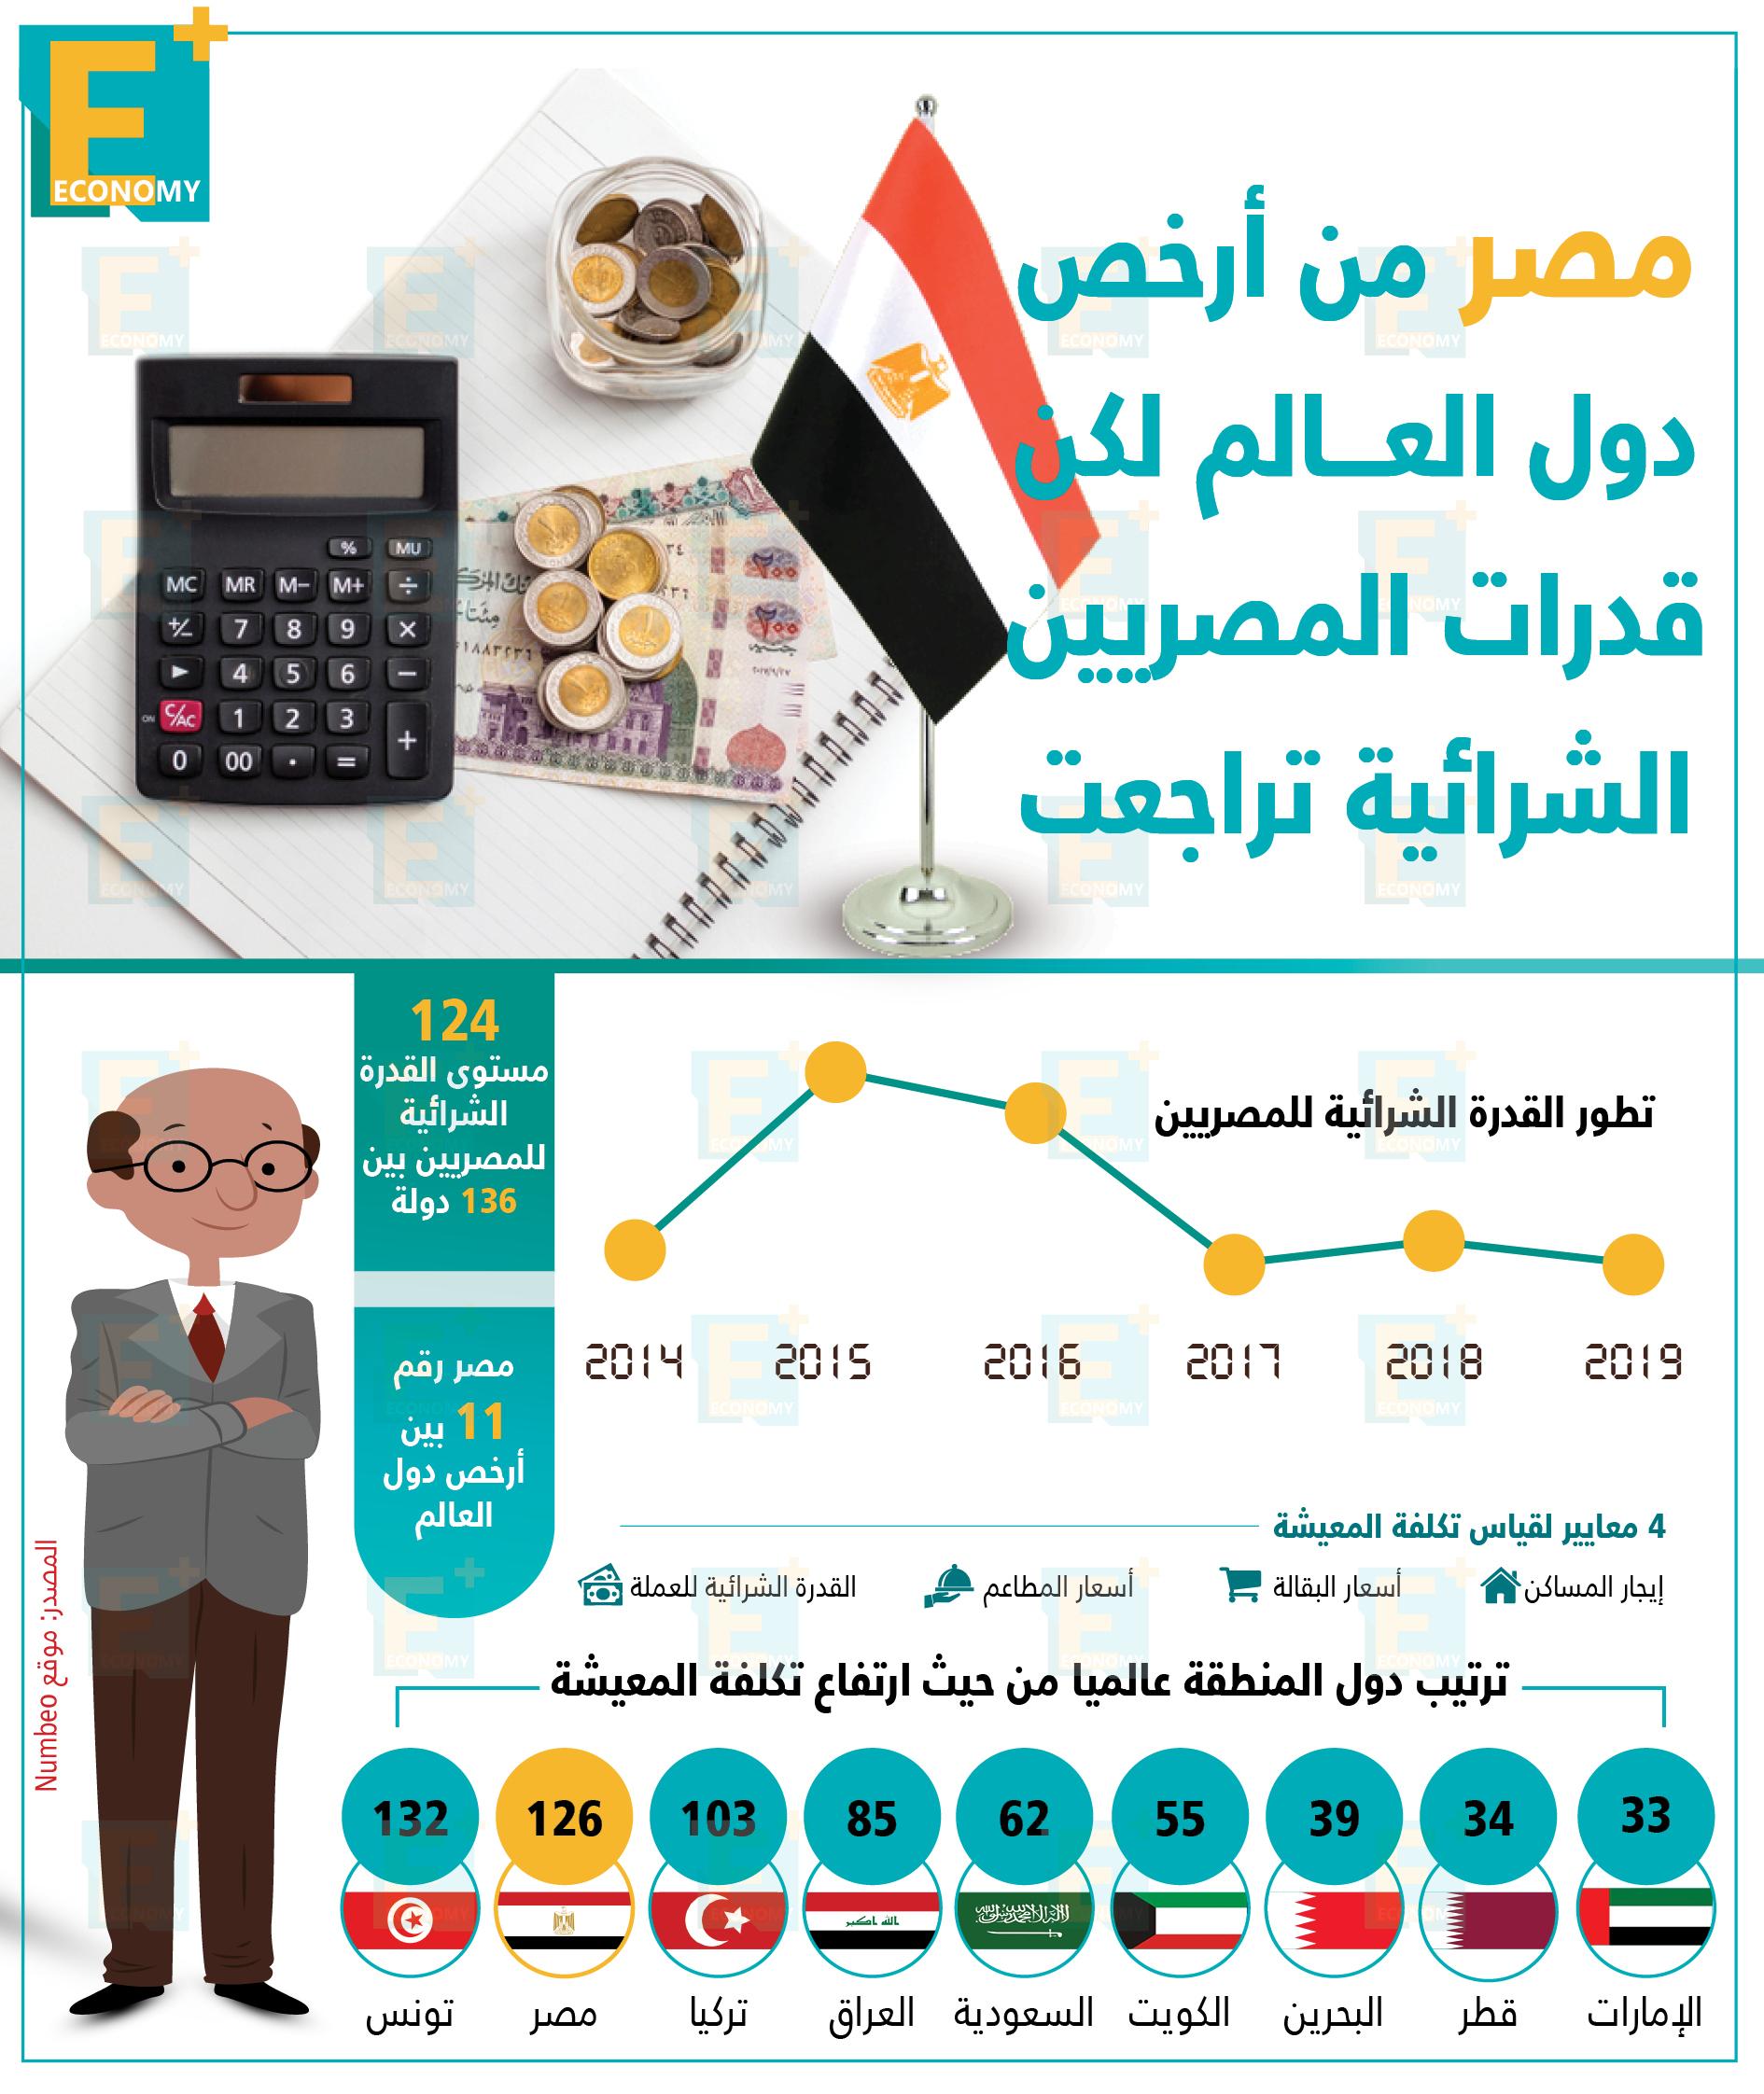 مصر من أرخص دول العالم لكن قدرات المصريين الشرائية تراجعت.